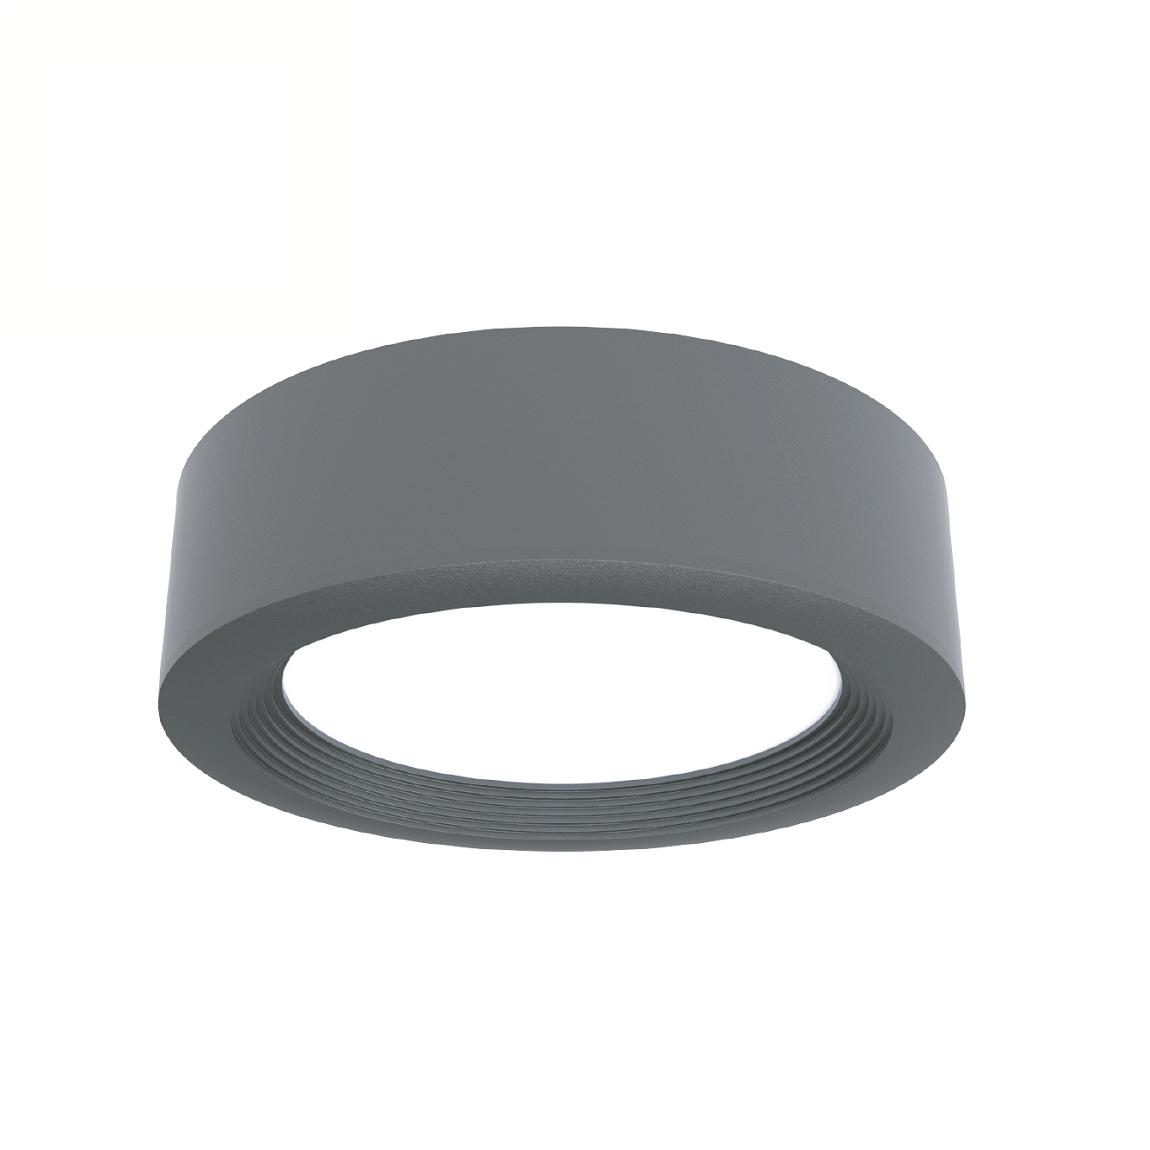 LW-SUMYP09-01 - Sıva Üstü LED Spot